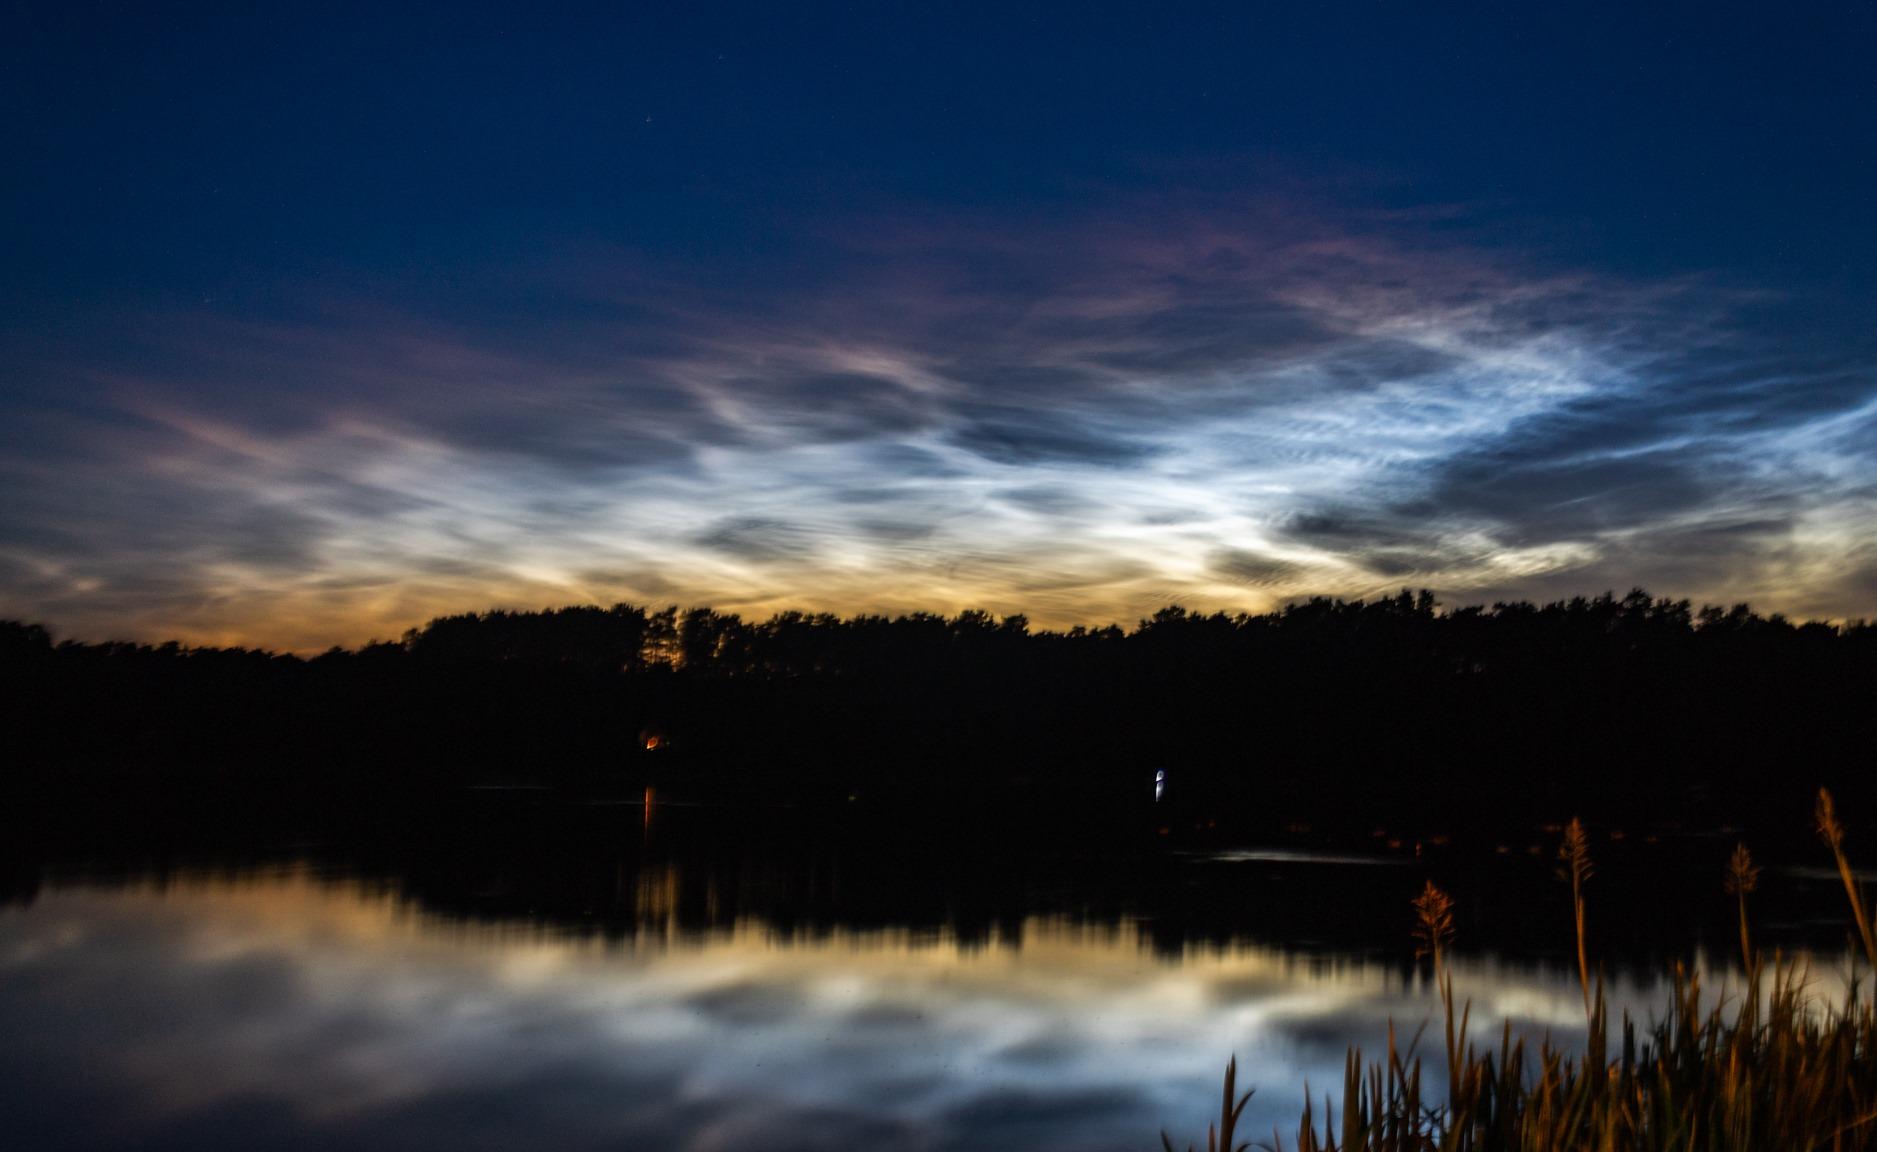 obłoki srebrzyste - refleks w jeziorze i pomarańczowa poświata